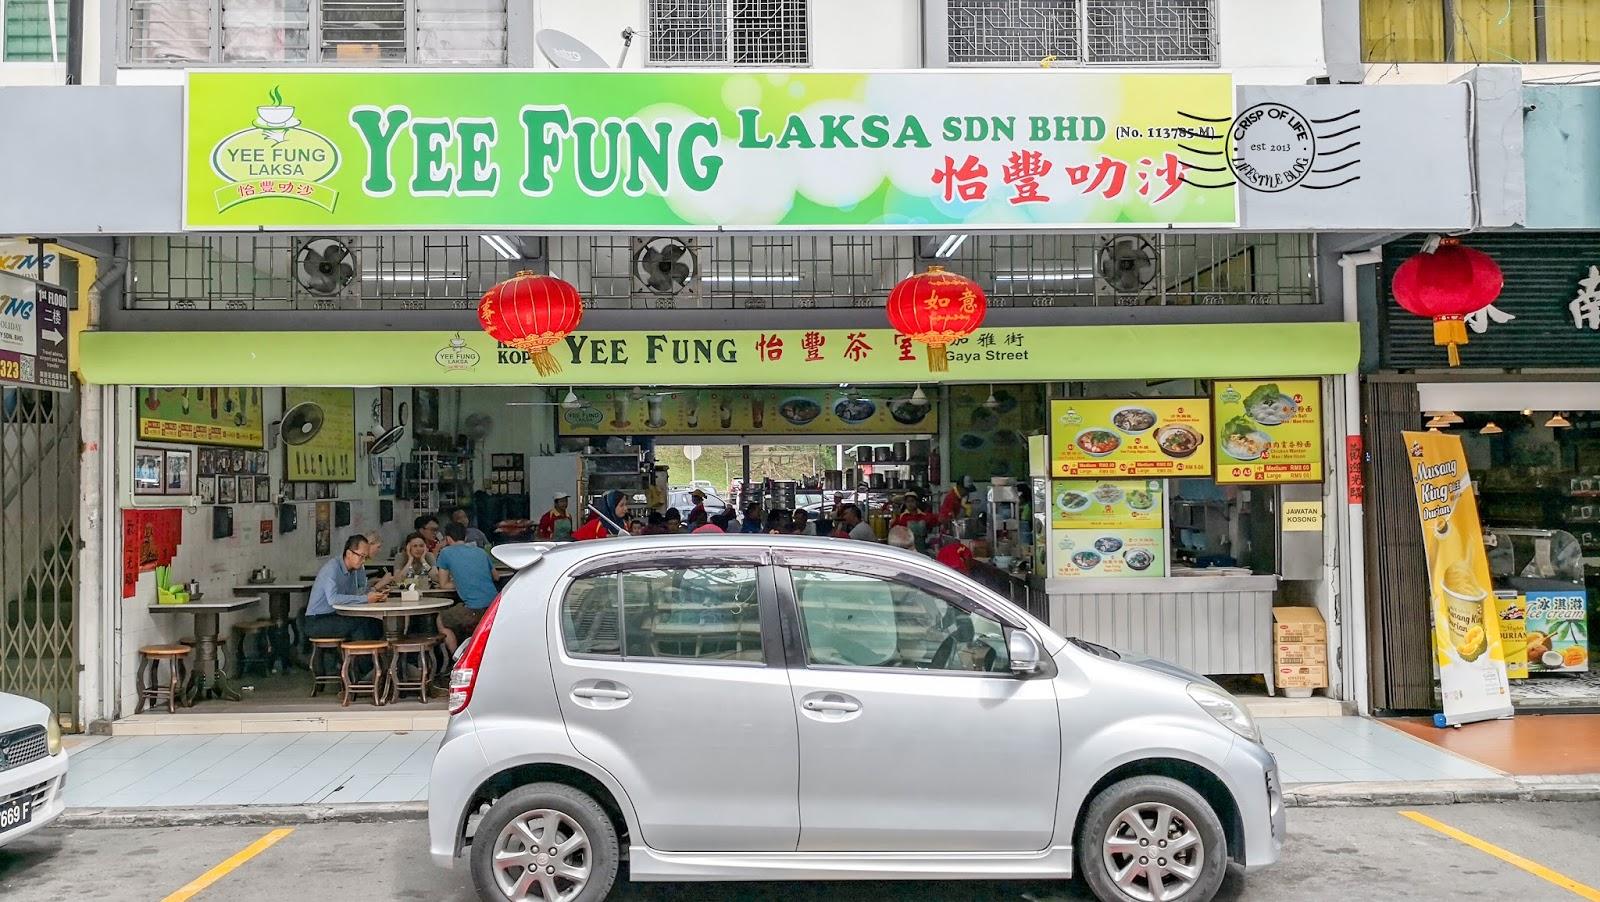 Yee Fung Laksa Kota Kinabalu Sabah